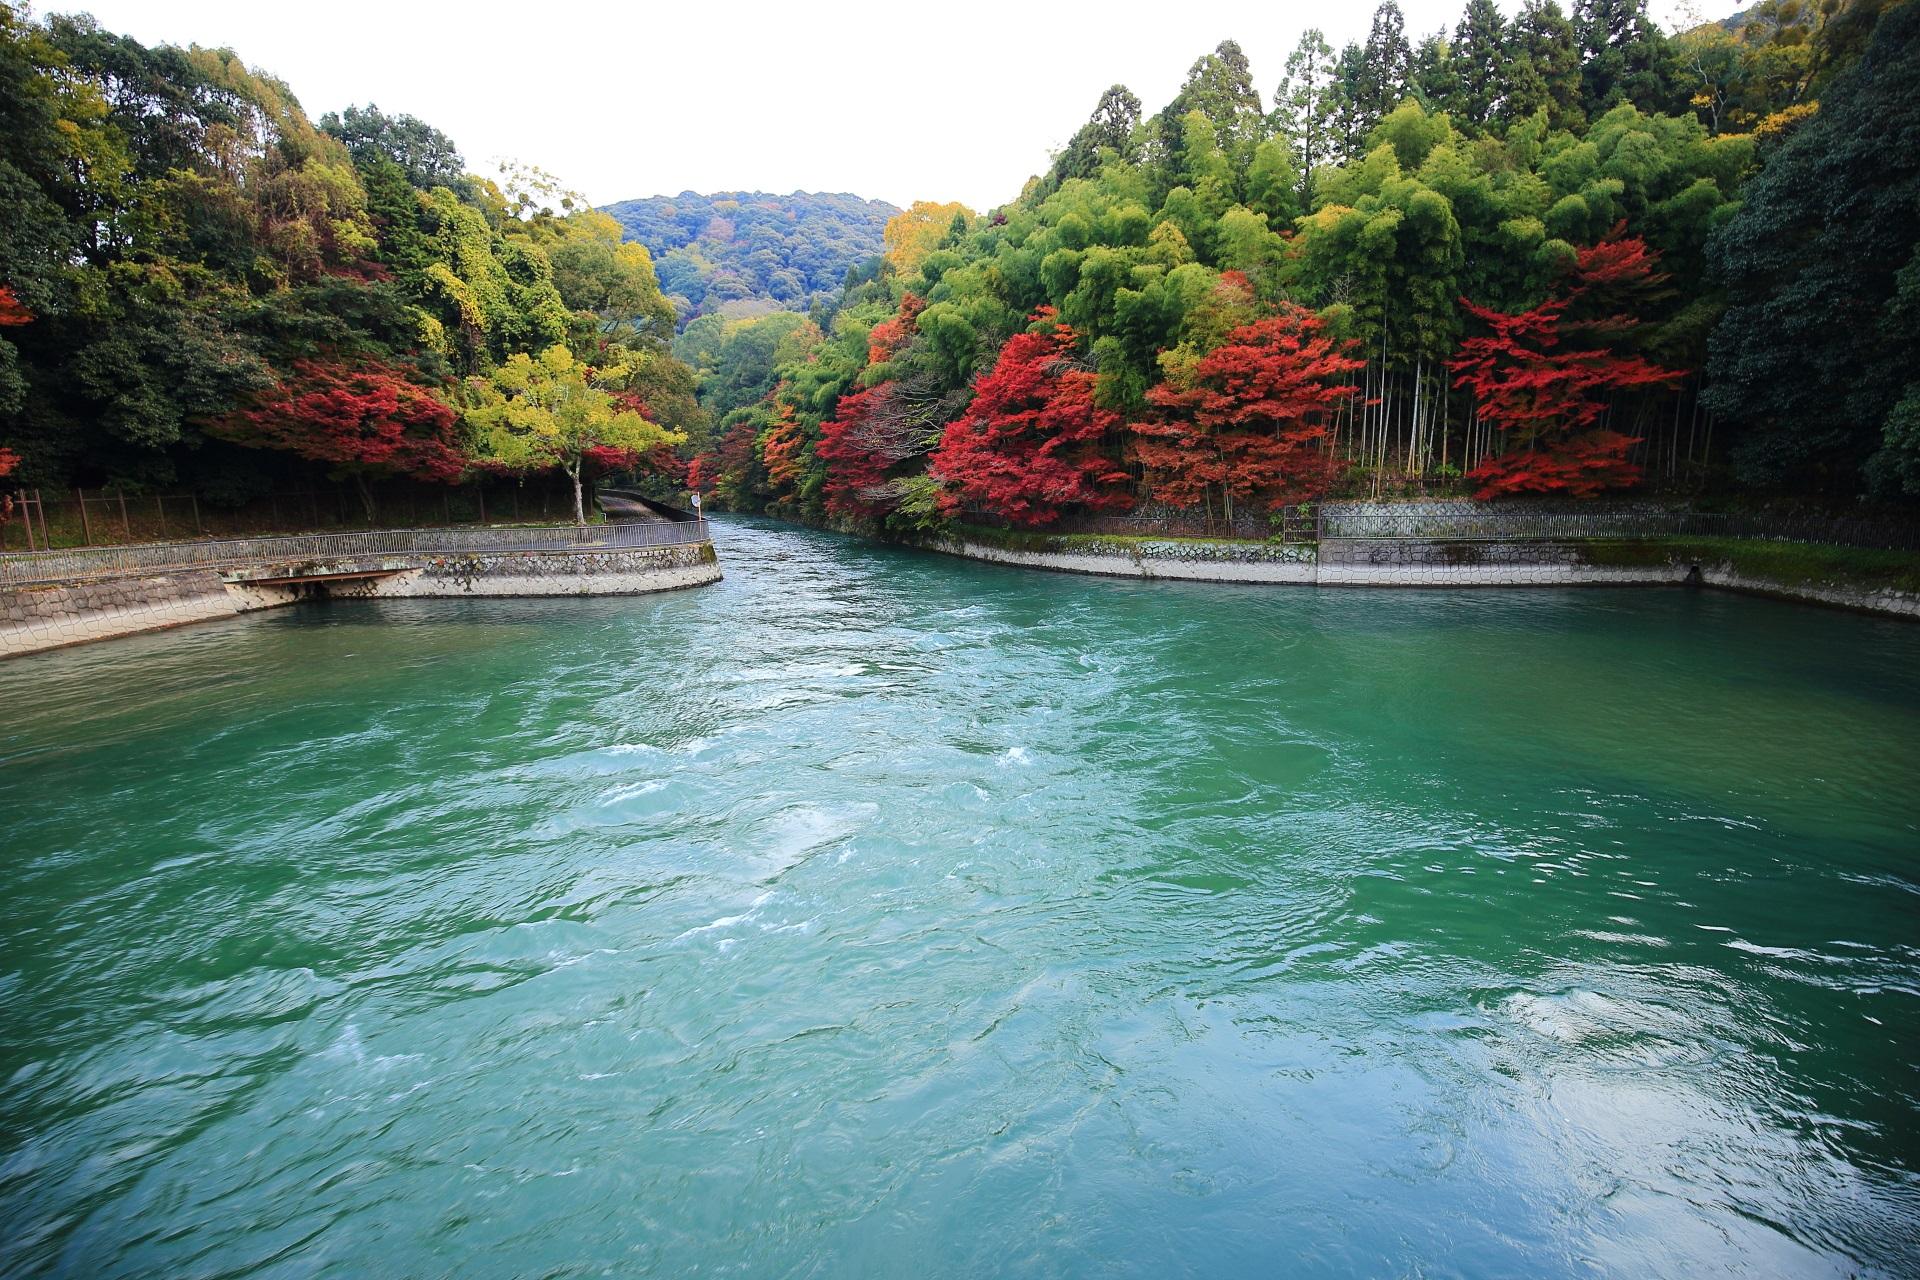 宇治川の観流橋から眺めた鮮やかな紅葉